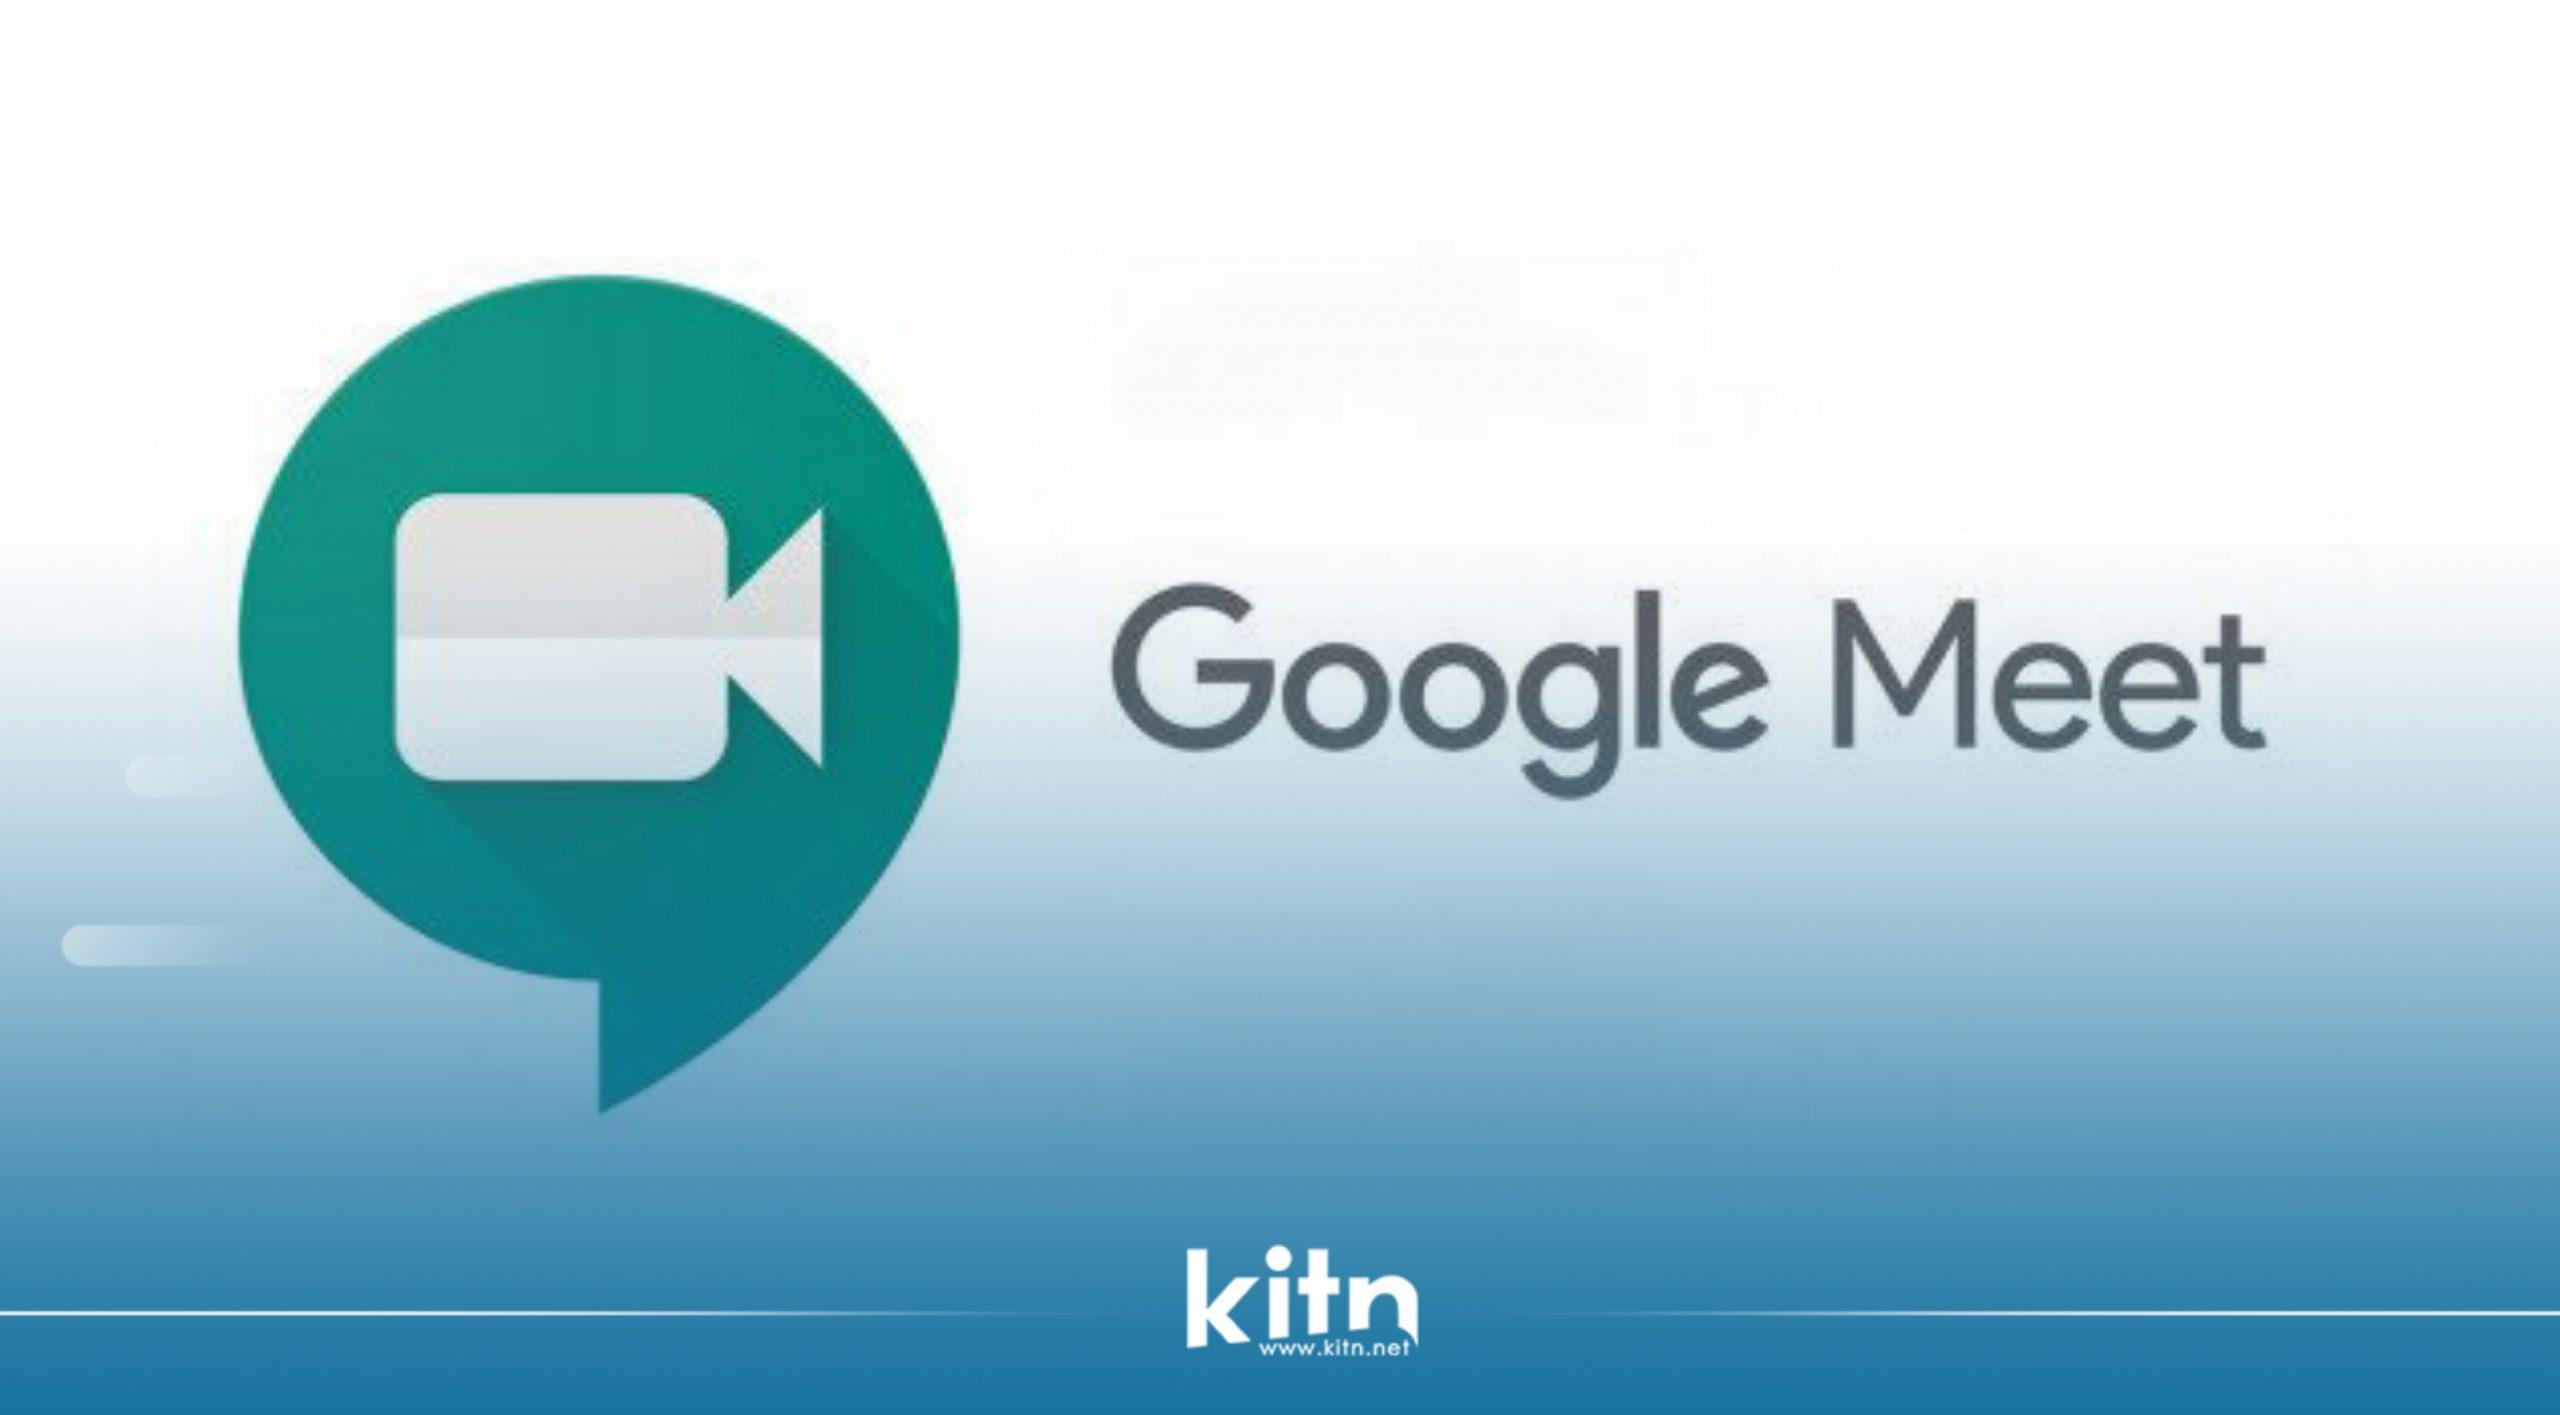 گووگڵ ماوەی خۆڕایی پەیوەندی ڤیدیۆی 60 خوولەکی بۆ بەکارهێنەرانی Google Meet درێژ دەکاتەوە